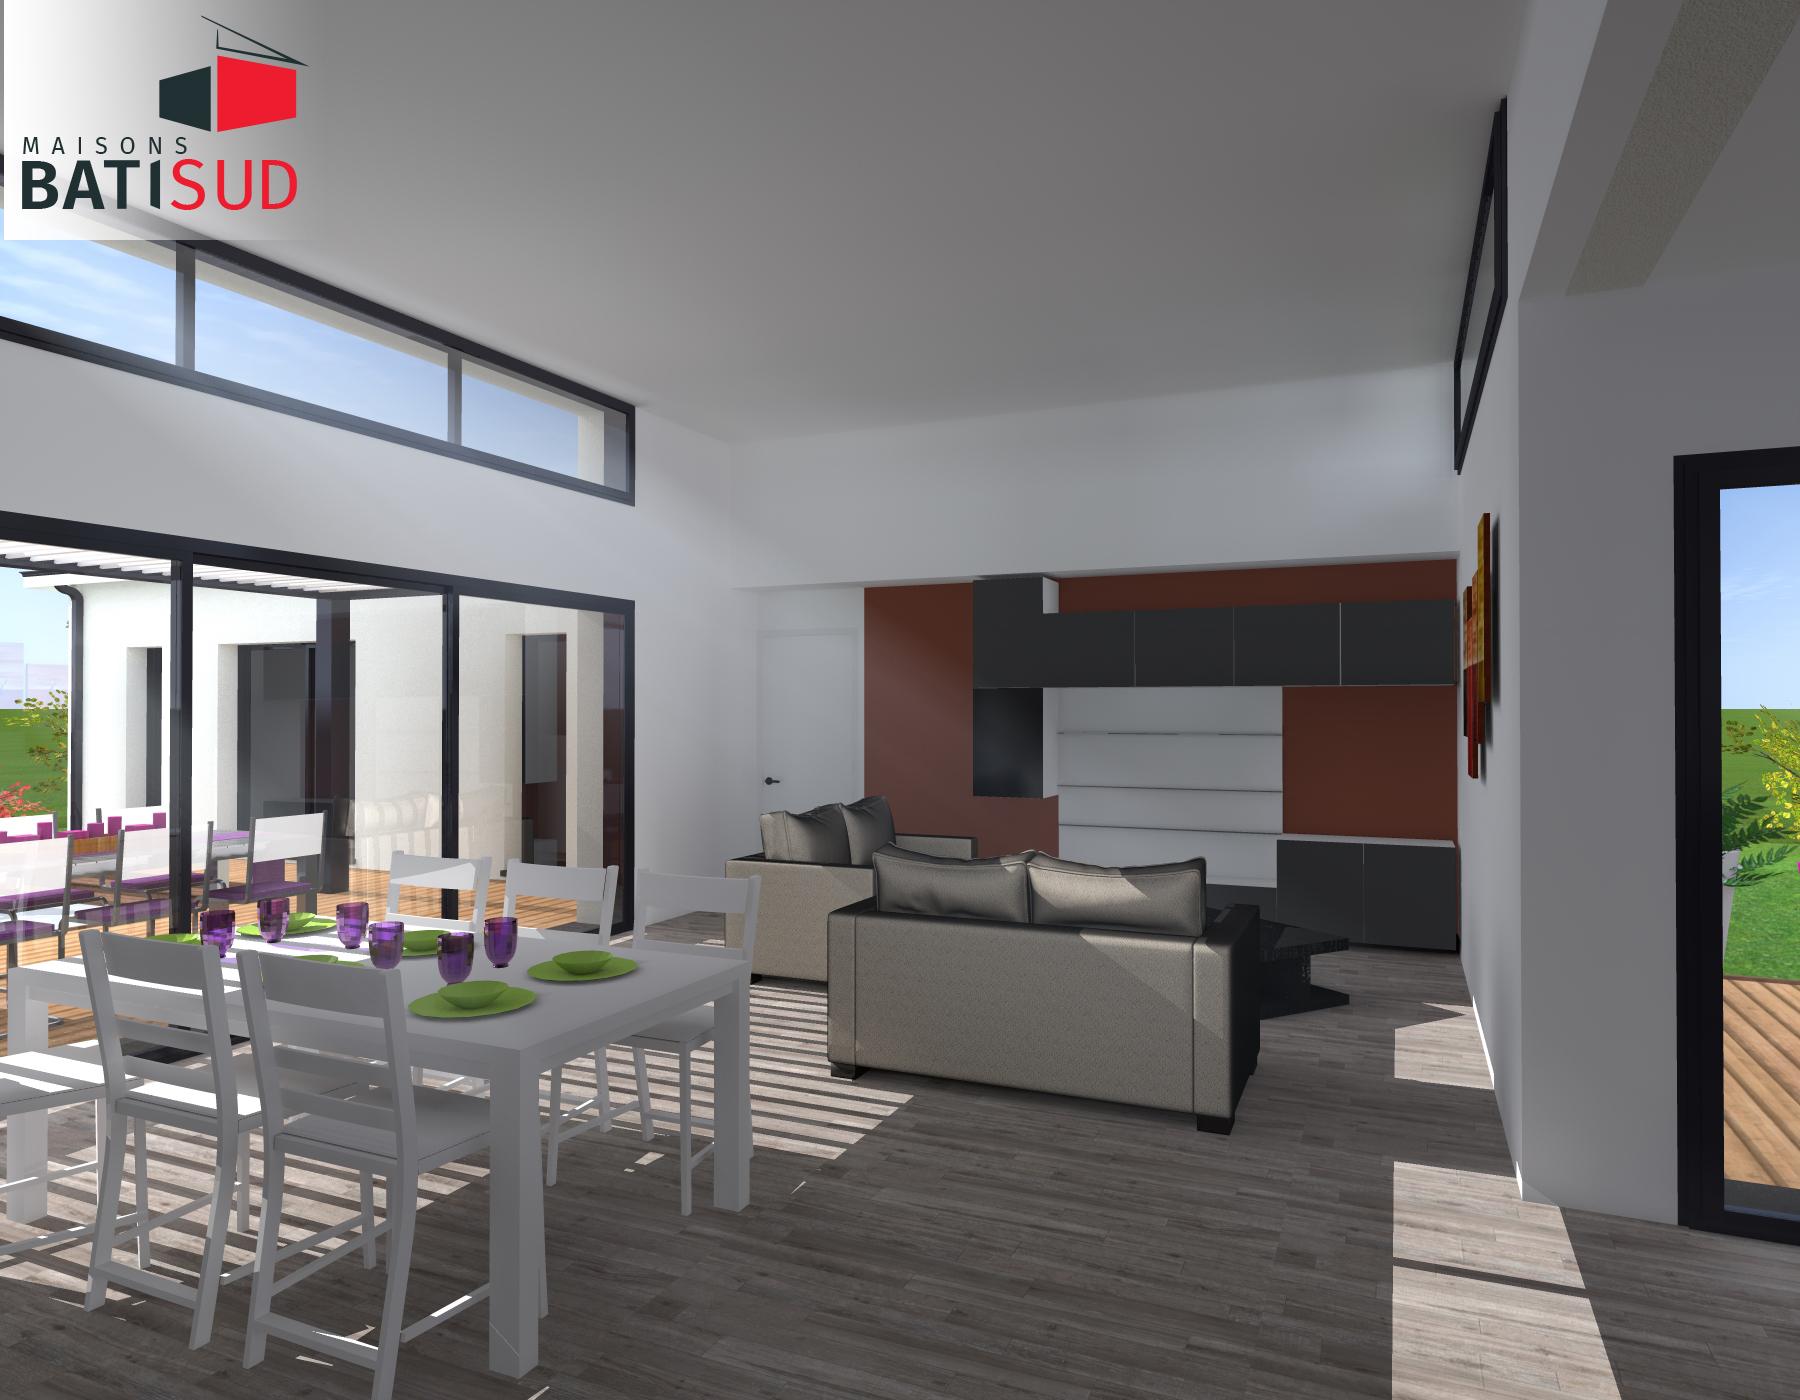 Maisons Bati Sud : Très belle maison moderne avec solarium et terrasse couverte. 5